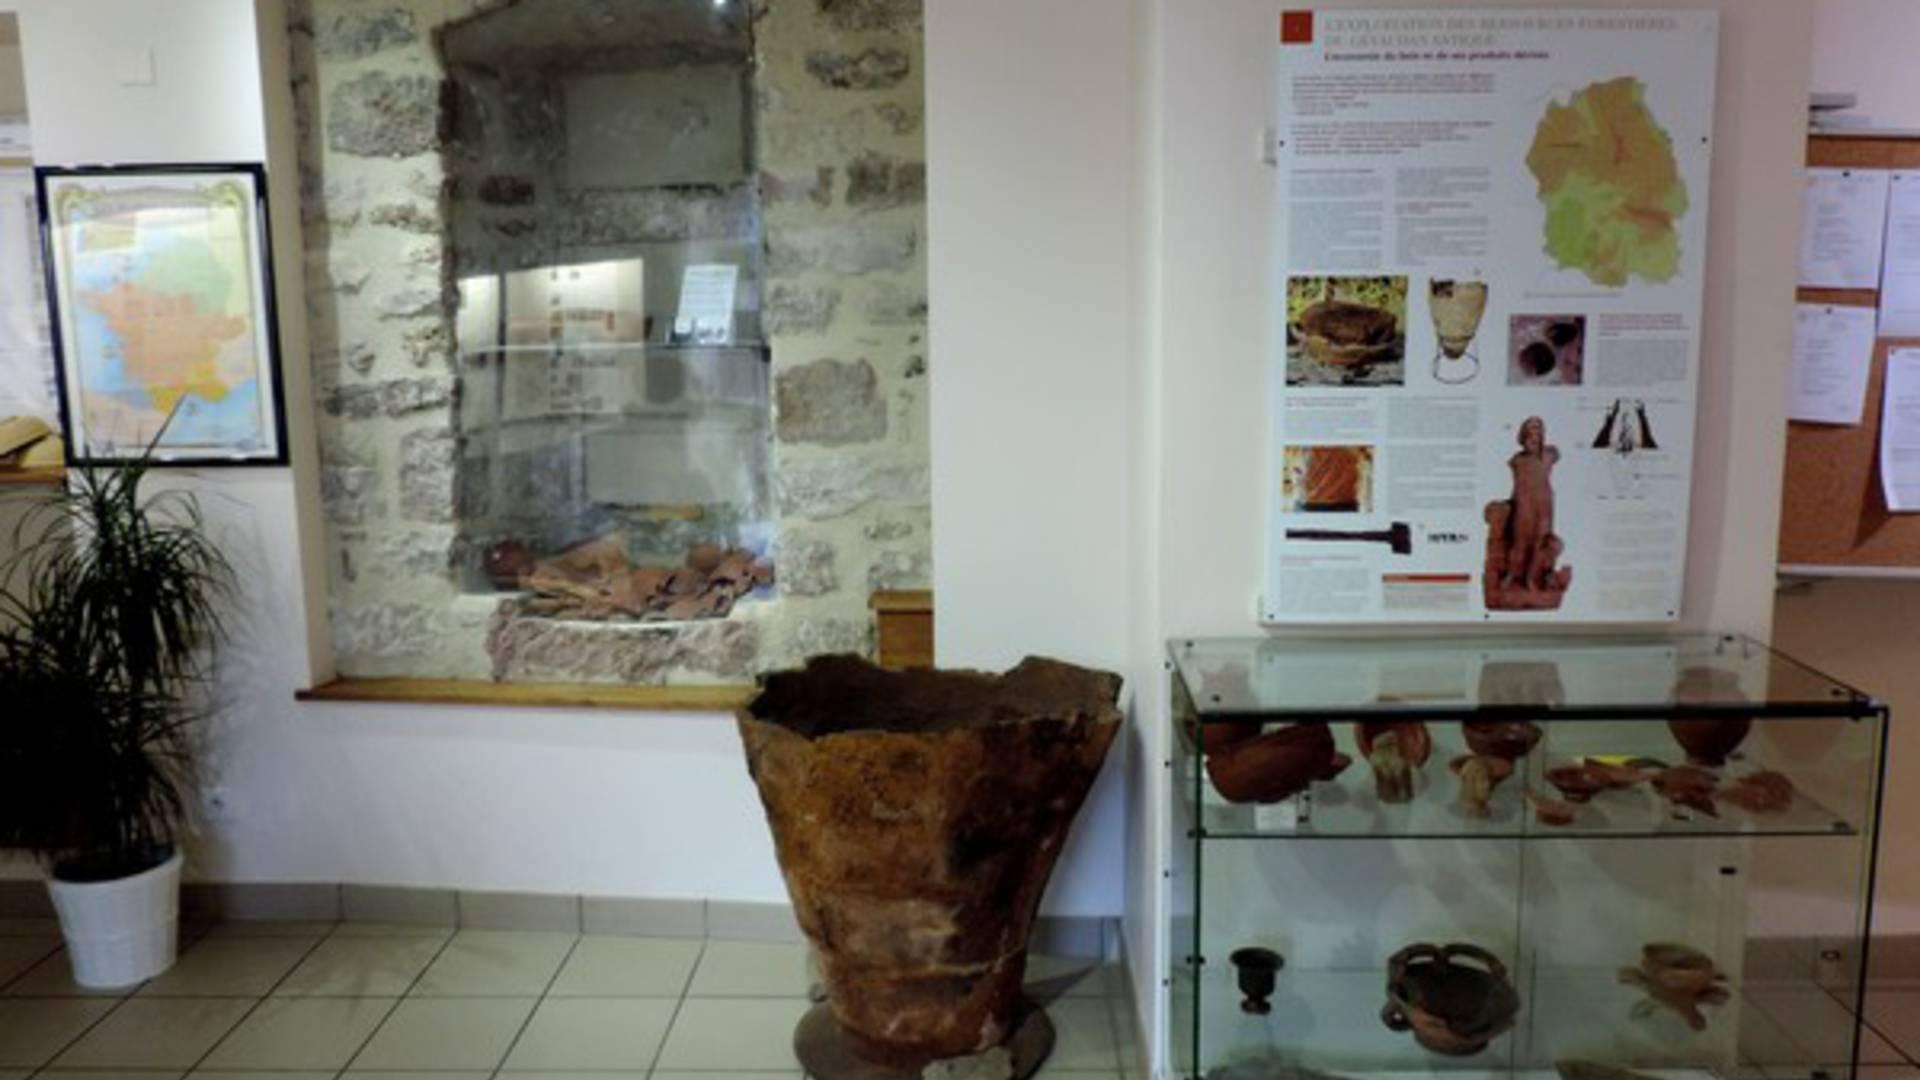 Le Musée de Banassac situé dans les locaux de la Mairie.